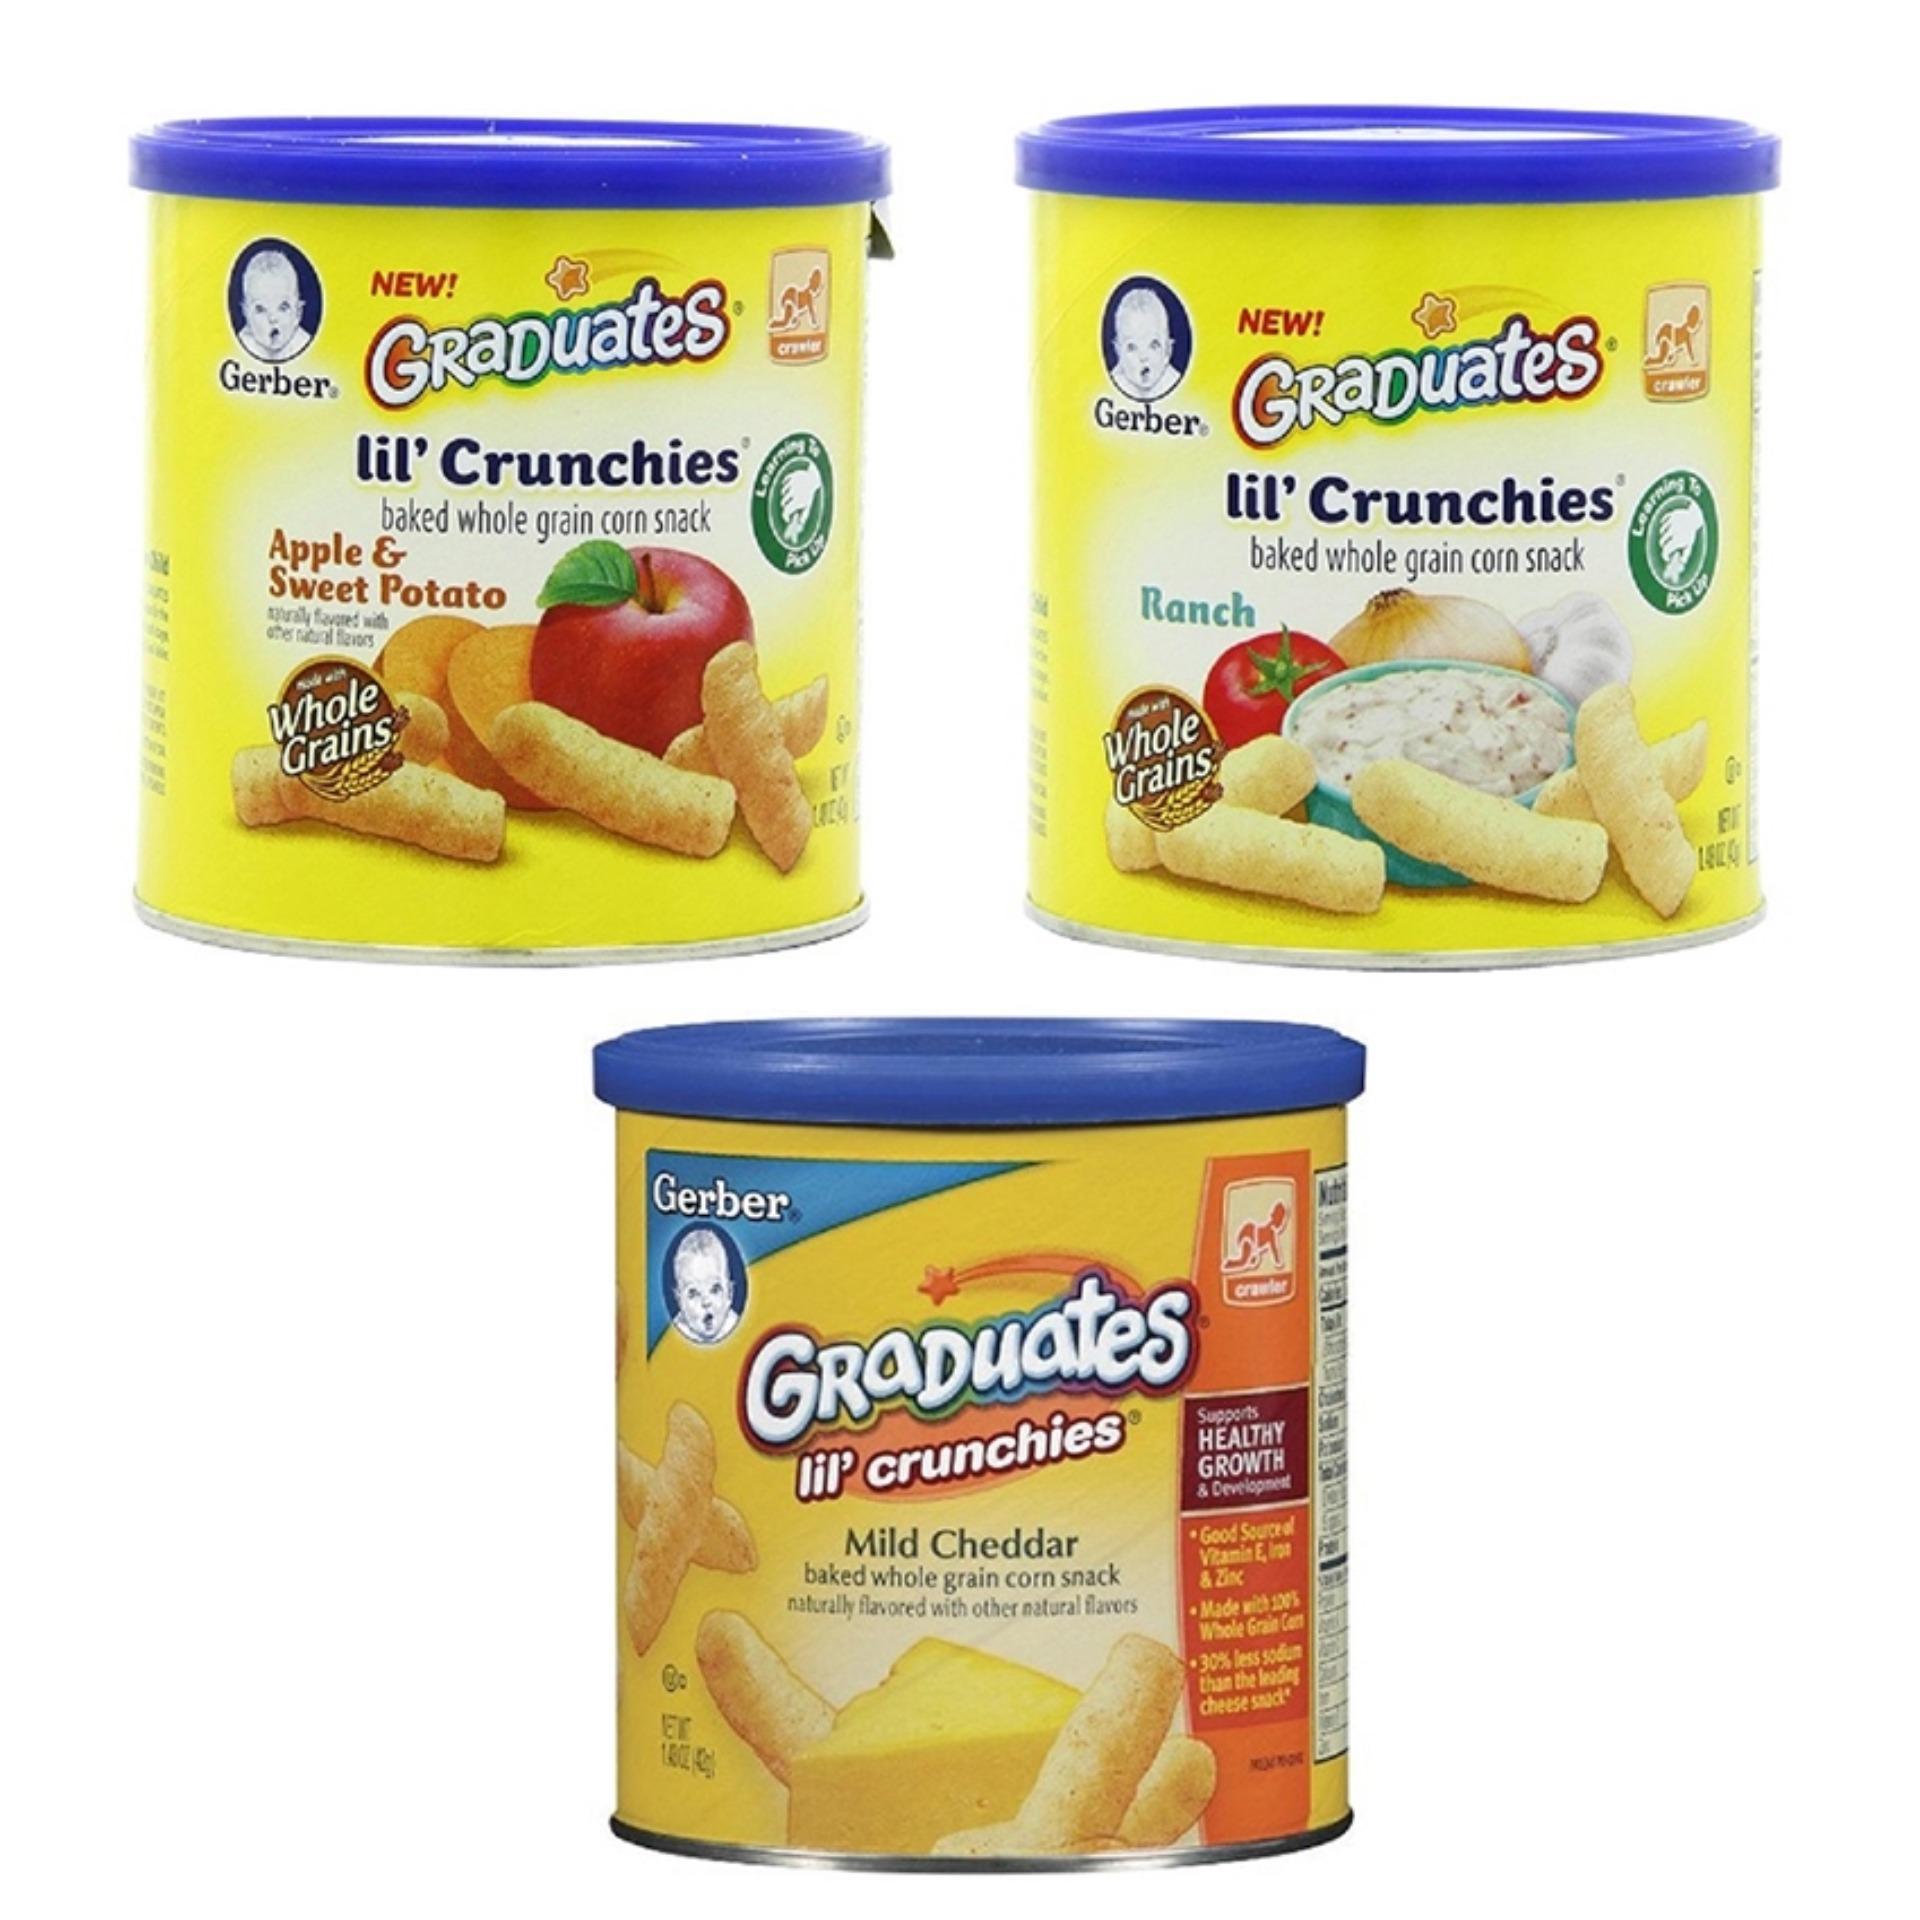 Bộ 03 Hộp Tròn Bánh Ăn Dặm Gerber Graduates Lil' Crunchies Vị Táo, Khoai Lang, Phomai Cheddar, Củ Hành